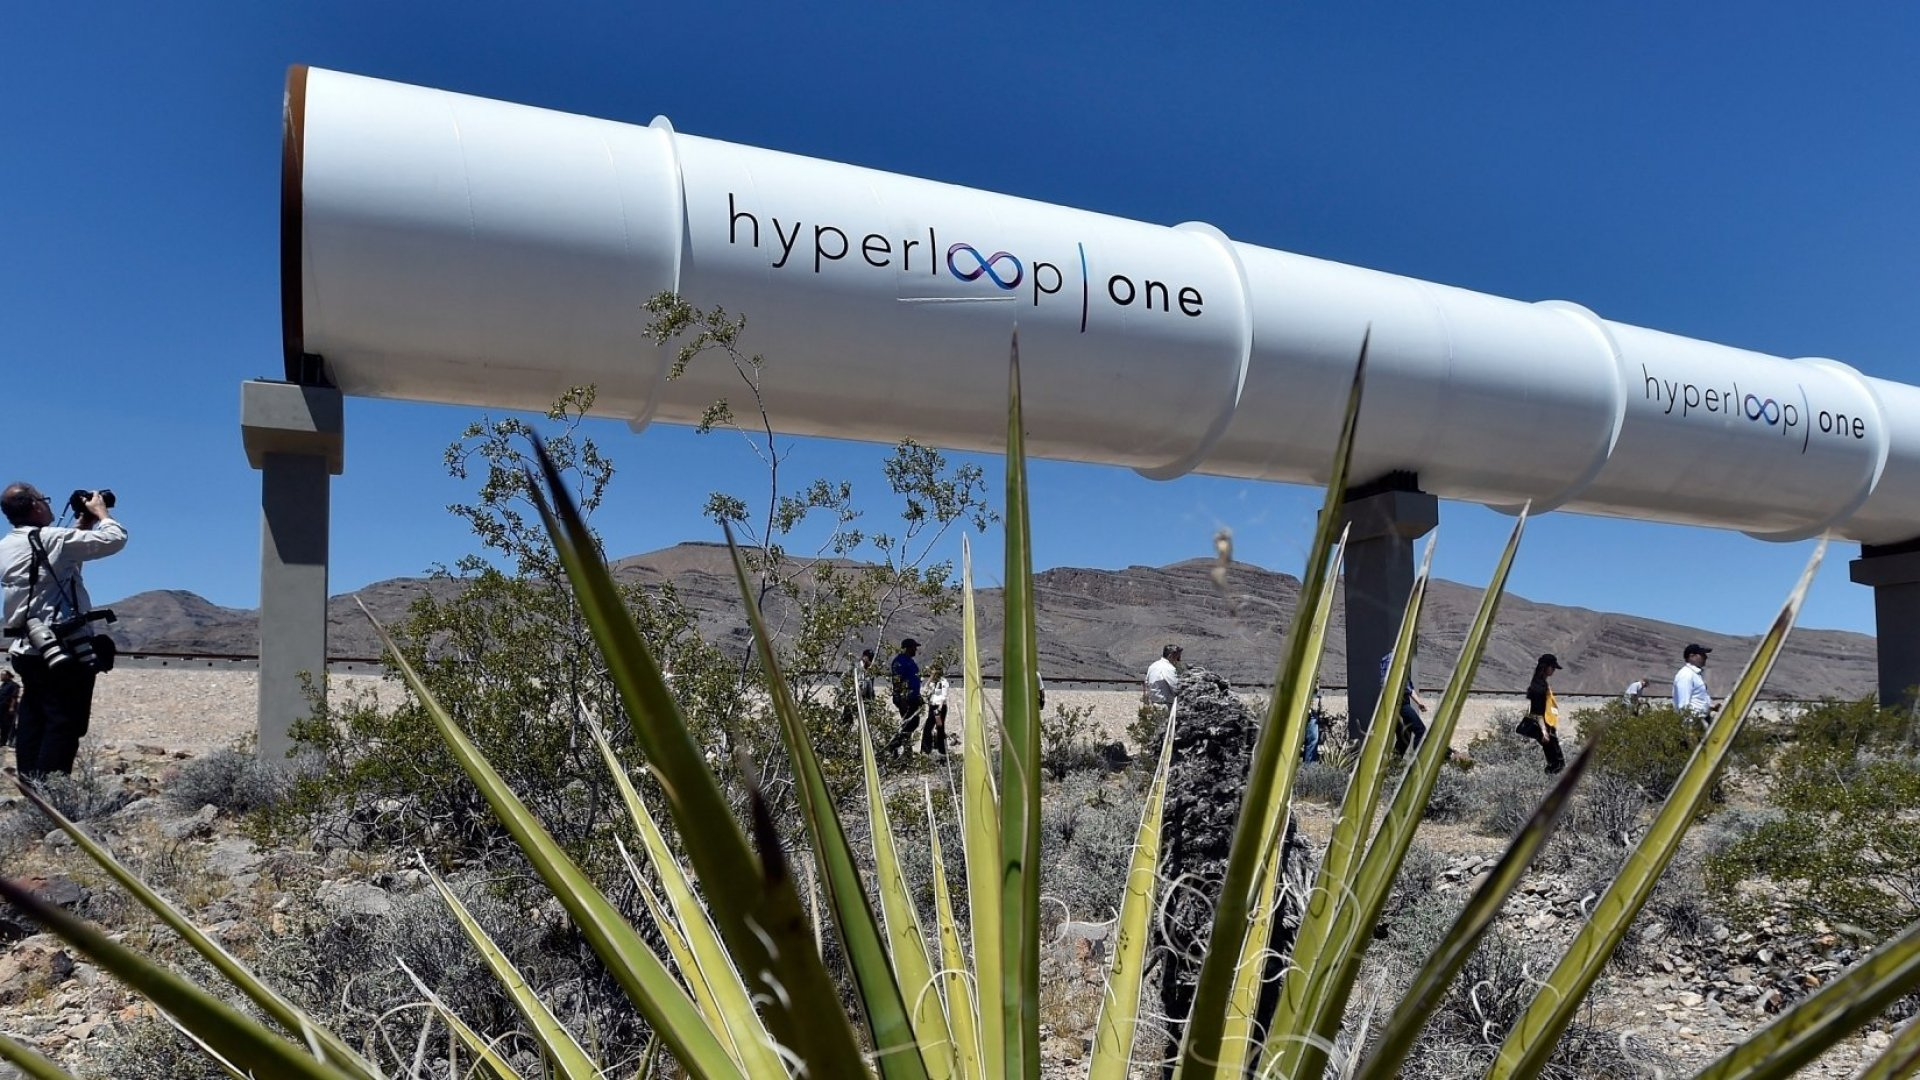 A Hyperloop One tube in North Las Vegas, Nevada.